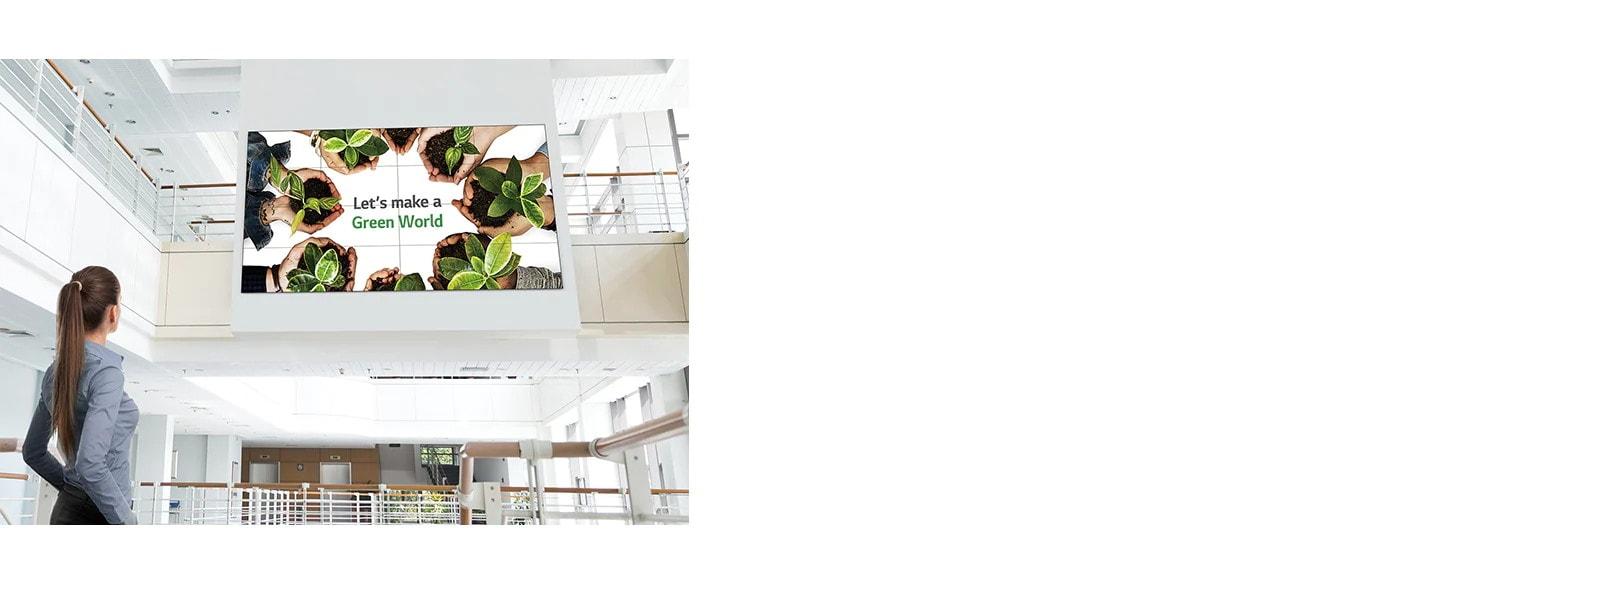 Una mujer está mirando la pantalla instalada en el piso de arriba.